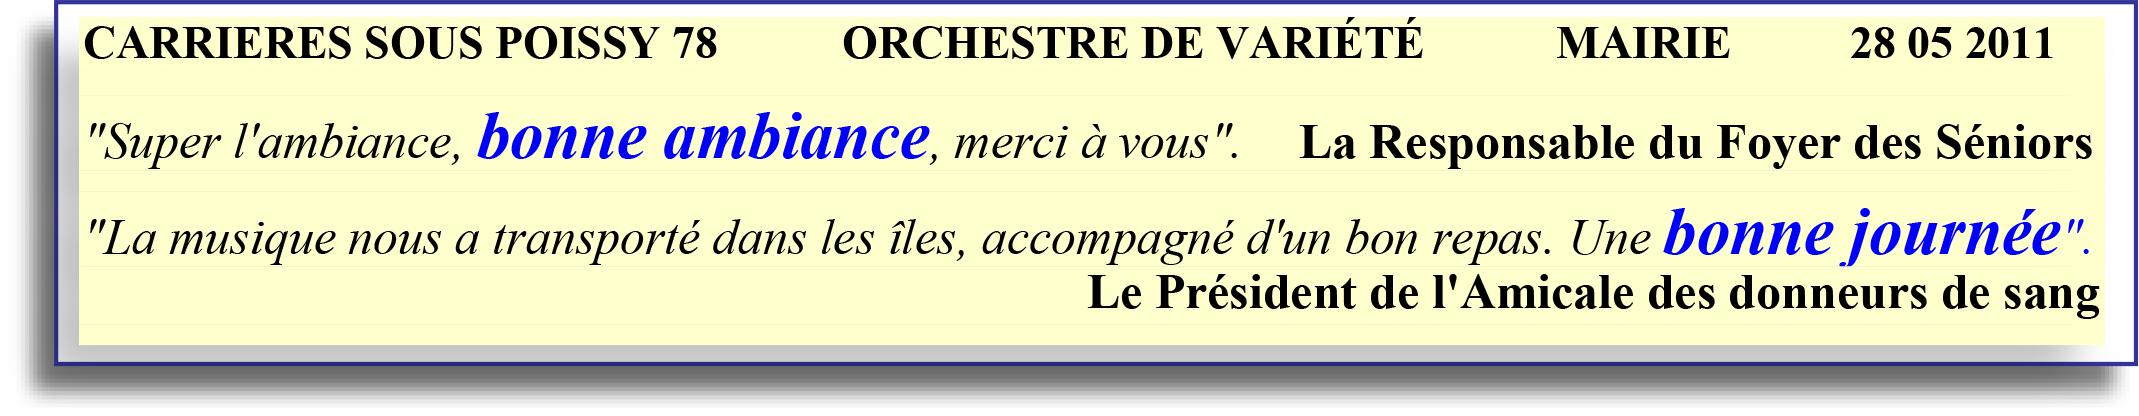 CARRIÈRES SOUS POISSY 78   ORCHESTRE DE VARIÉTÉ 28 05 2011